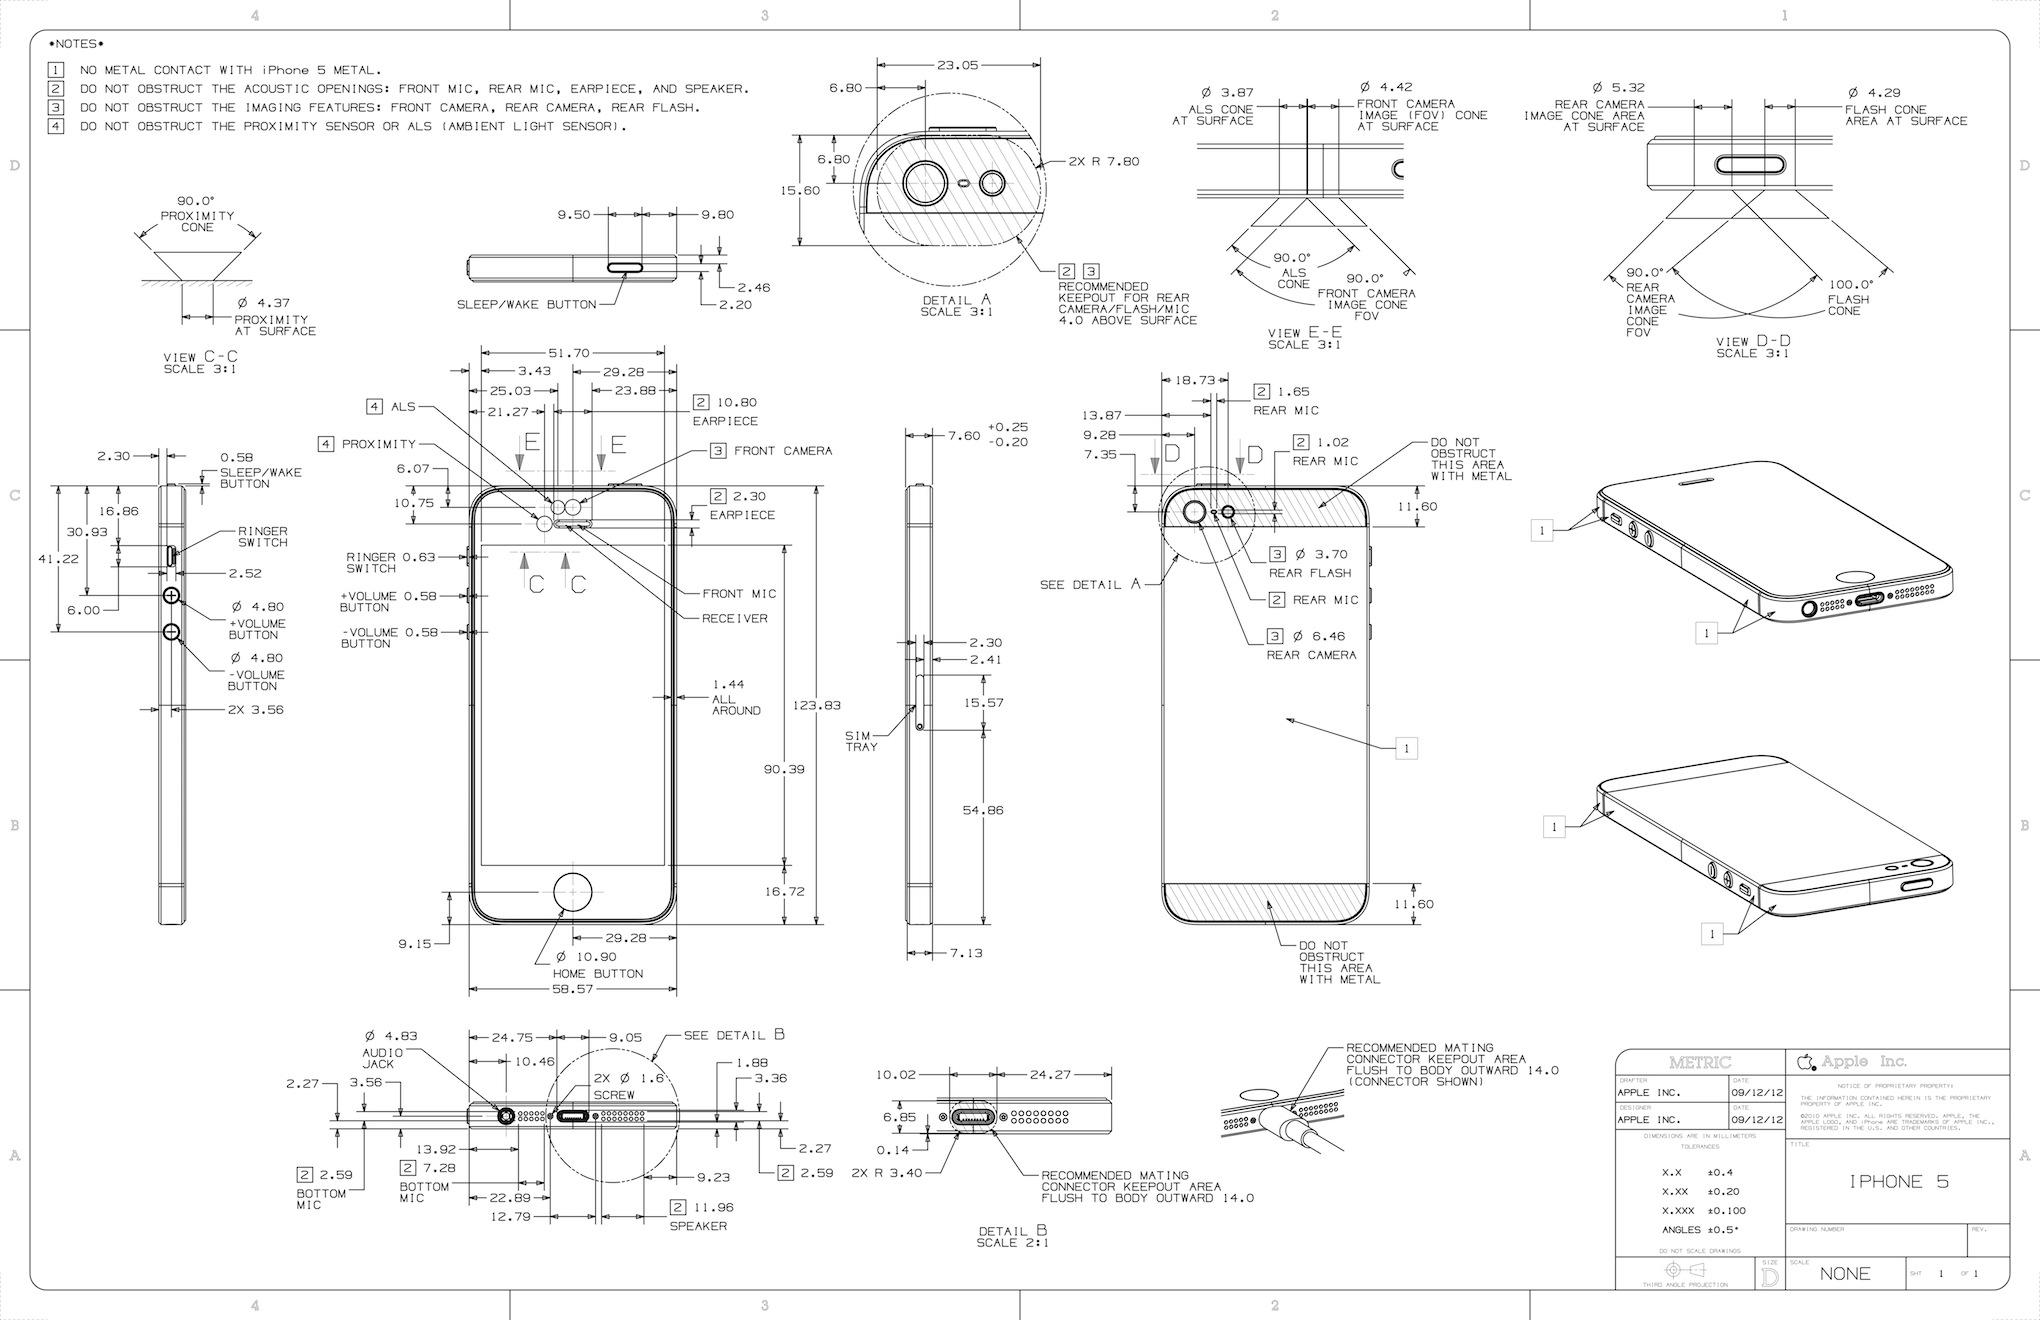 แผ่นพิมพ์เขียวร่างดีไซน์ของ iPhone 5 ถูกเปิดเผยออกมาแล้ว